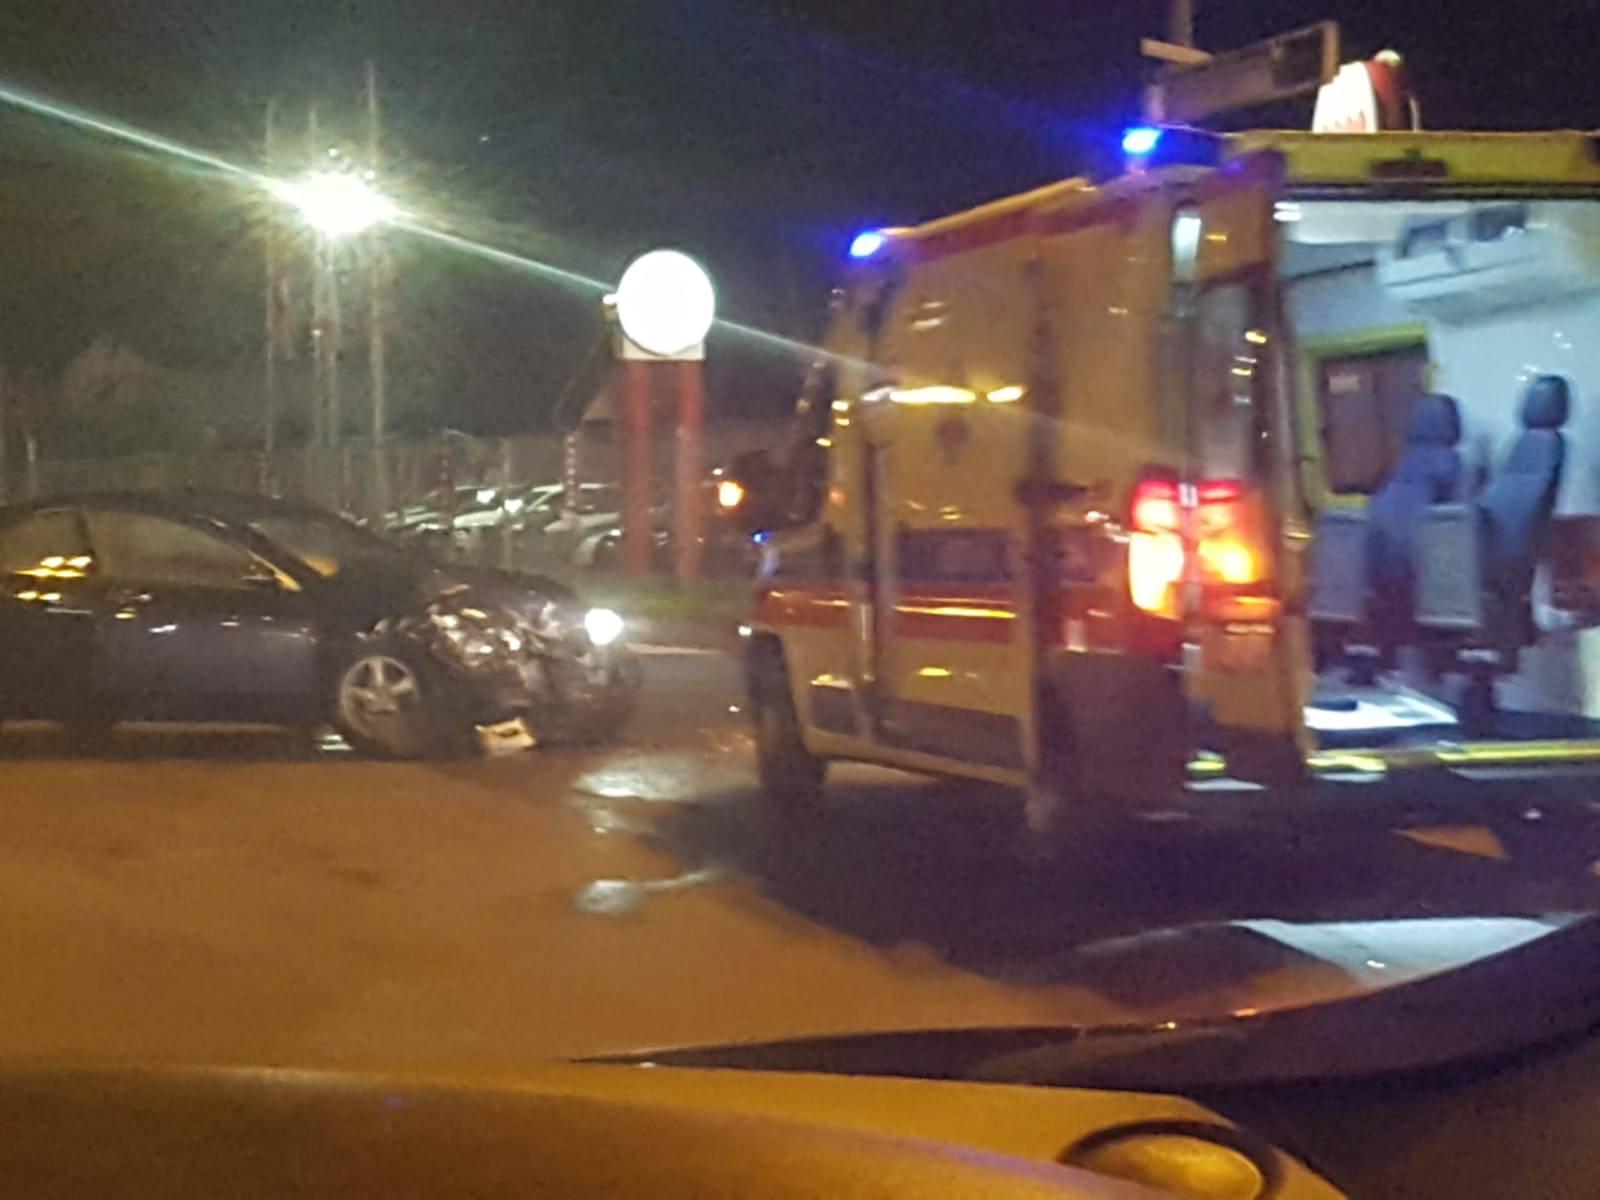 Troje ozlijeđenih u sudaru u Zagrebu: 'Ljudi su stajali i  gledali u šoku smrskani auto'